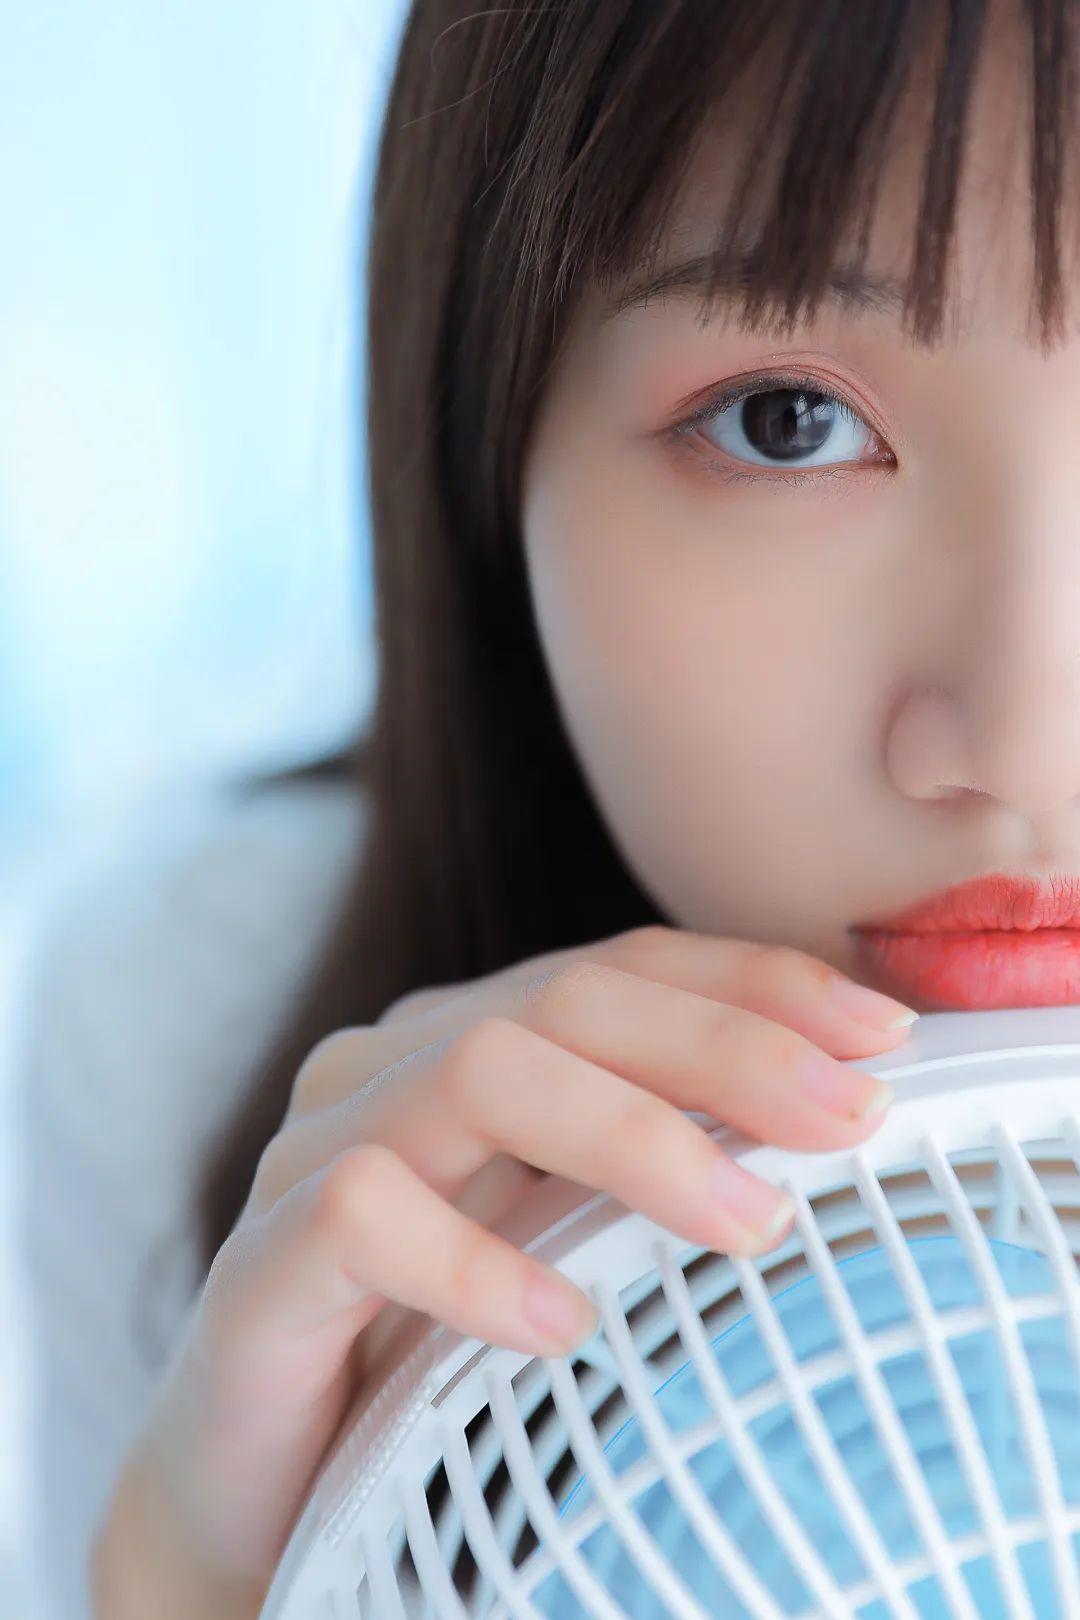 妹子摄影 – 白色连衣裙美腿少女的夏日生活_图片 No.10